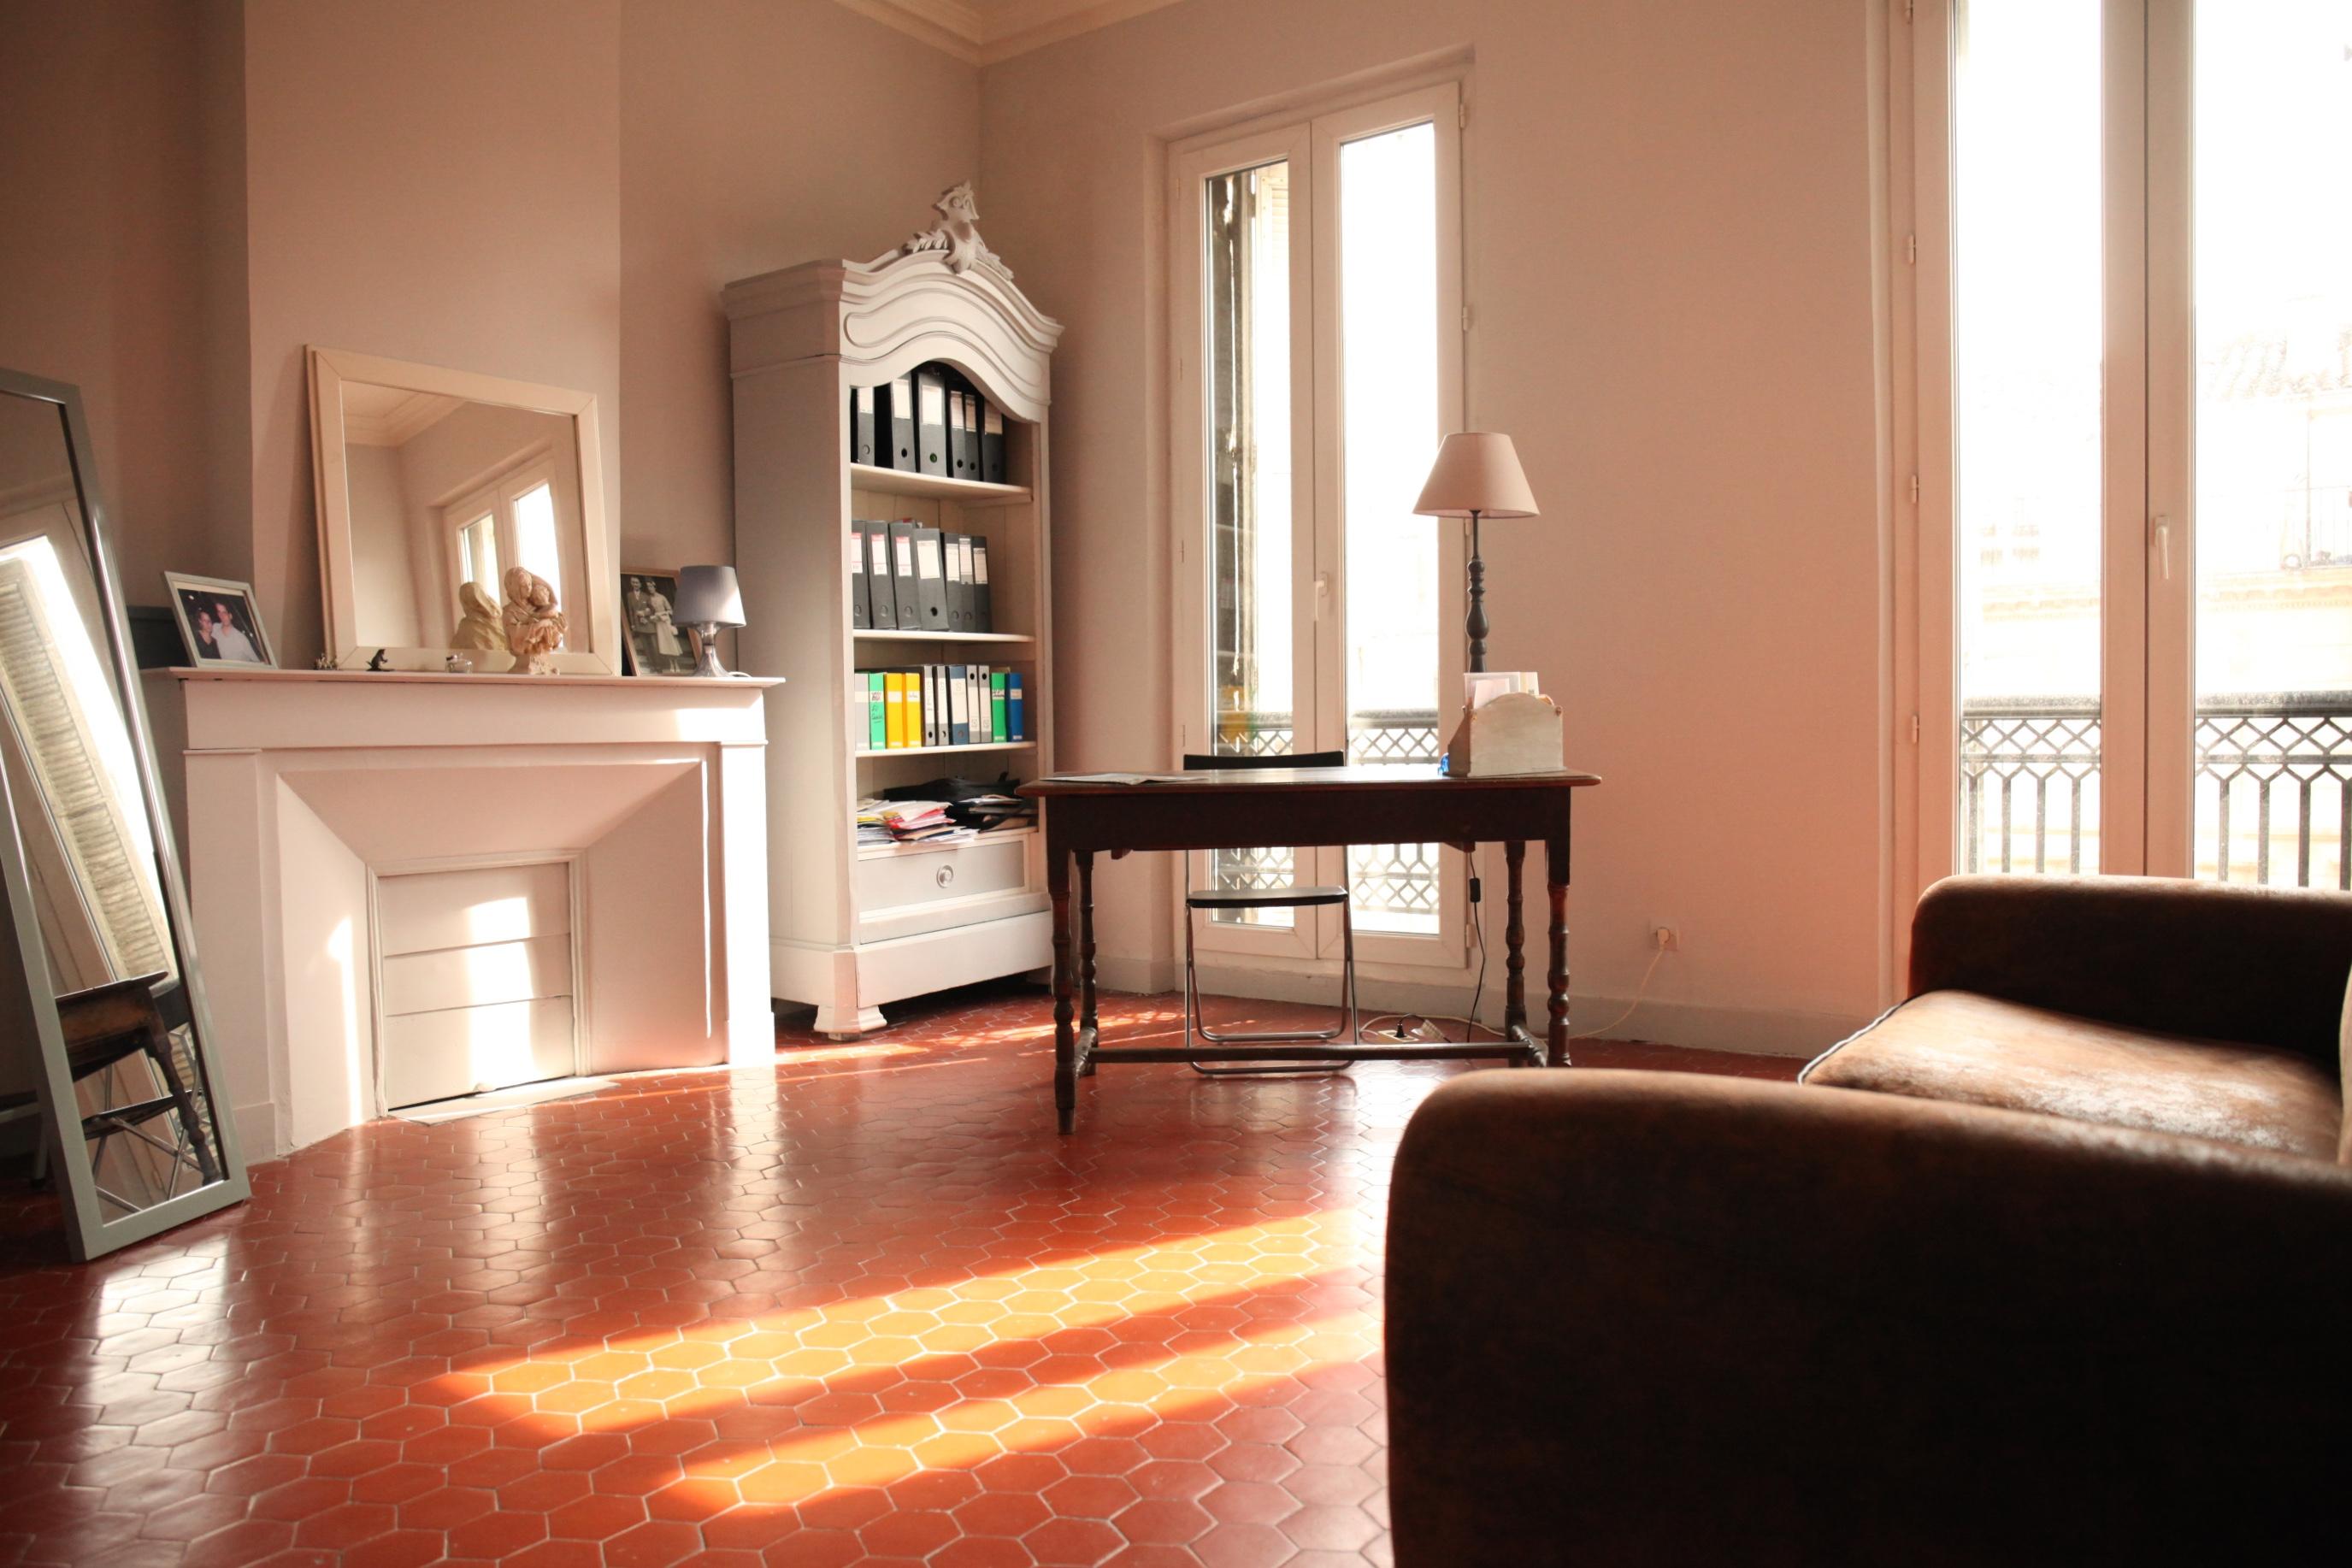 1er - Longchamp - T4/5 - chambres de services - 449 000€